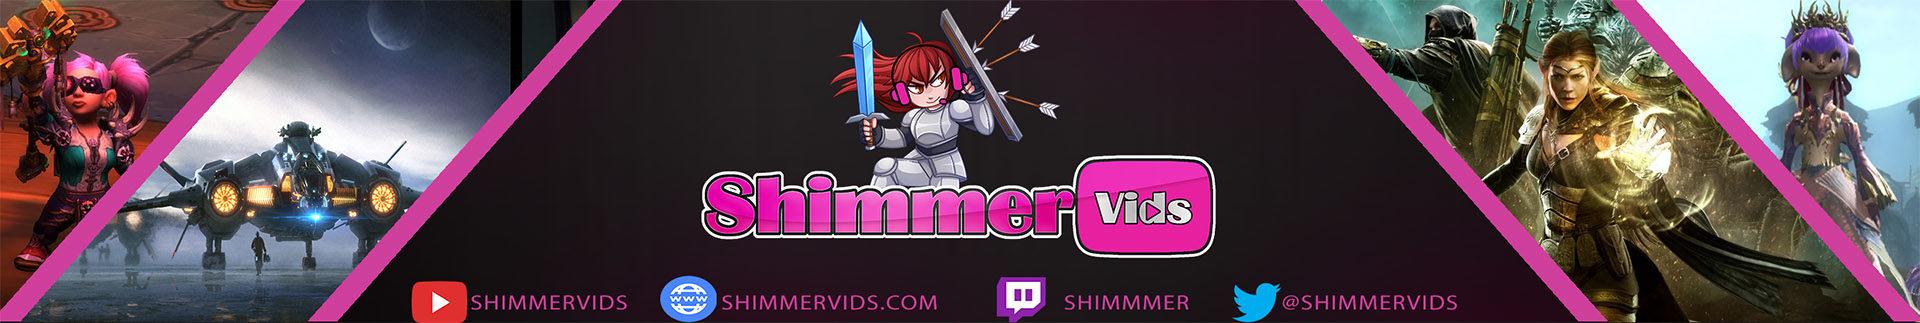 Shimmervids